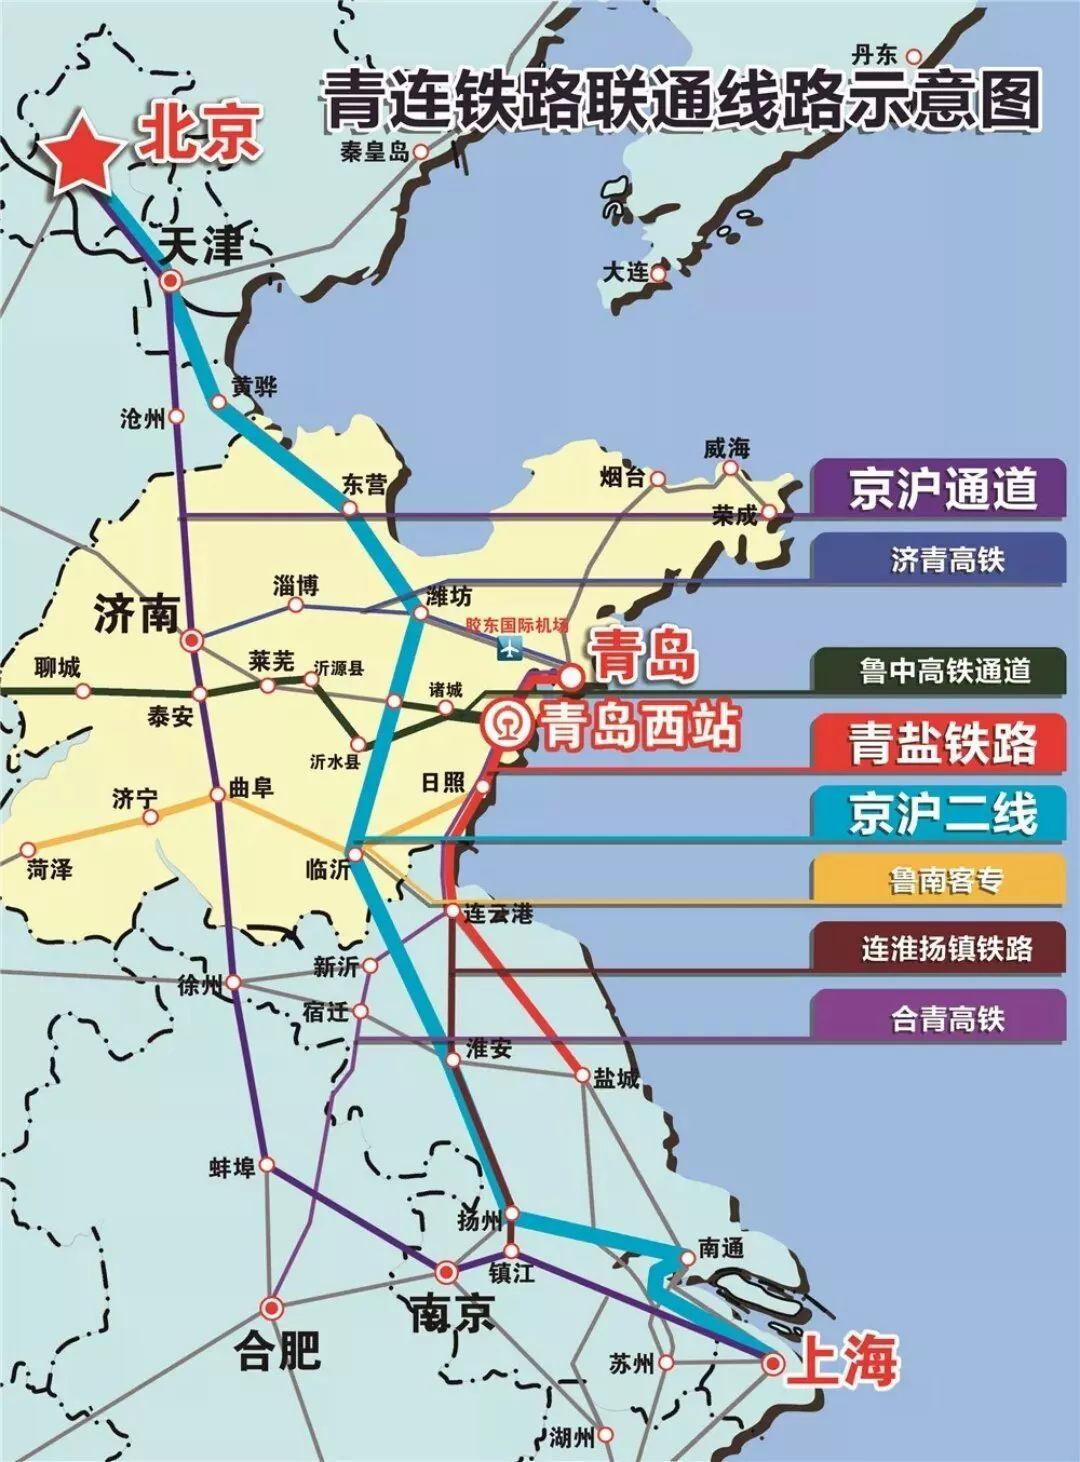 曲阜高铁站地图